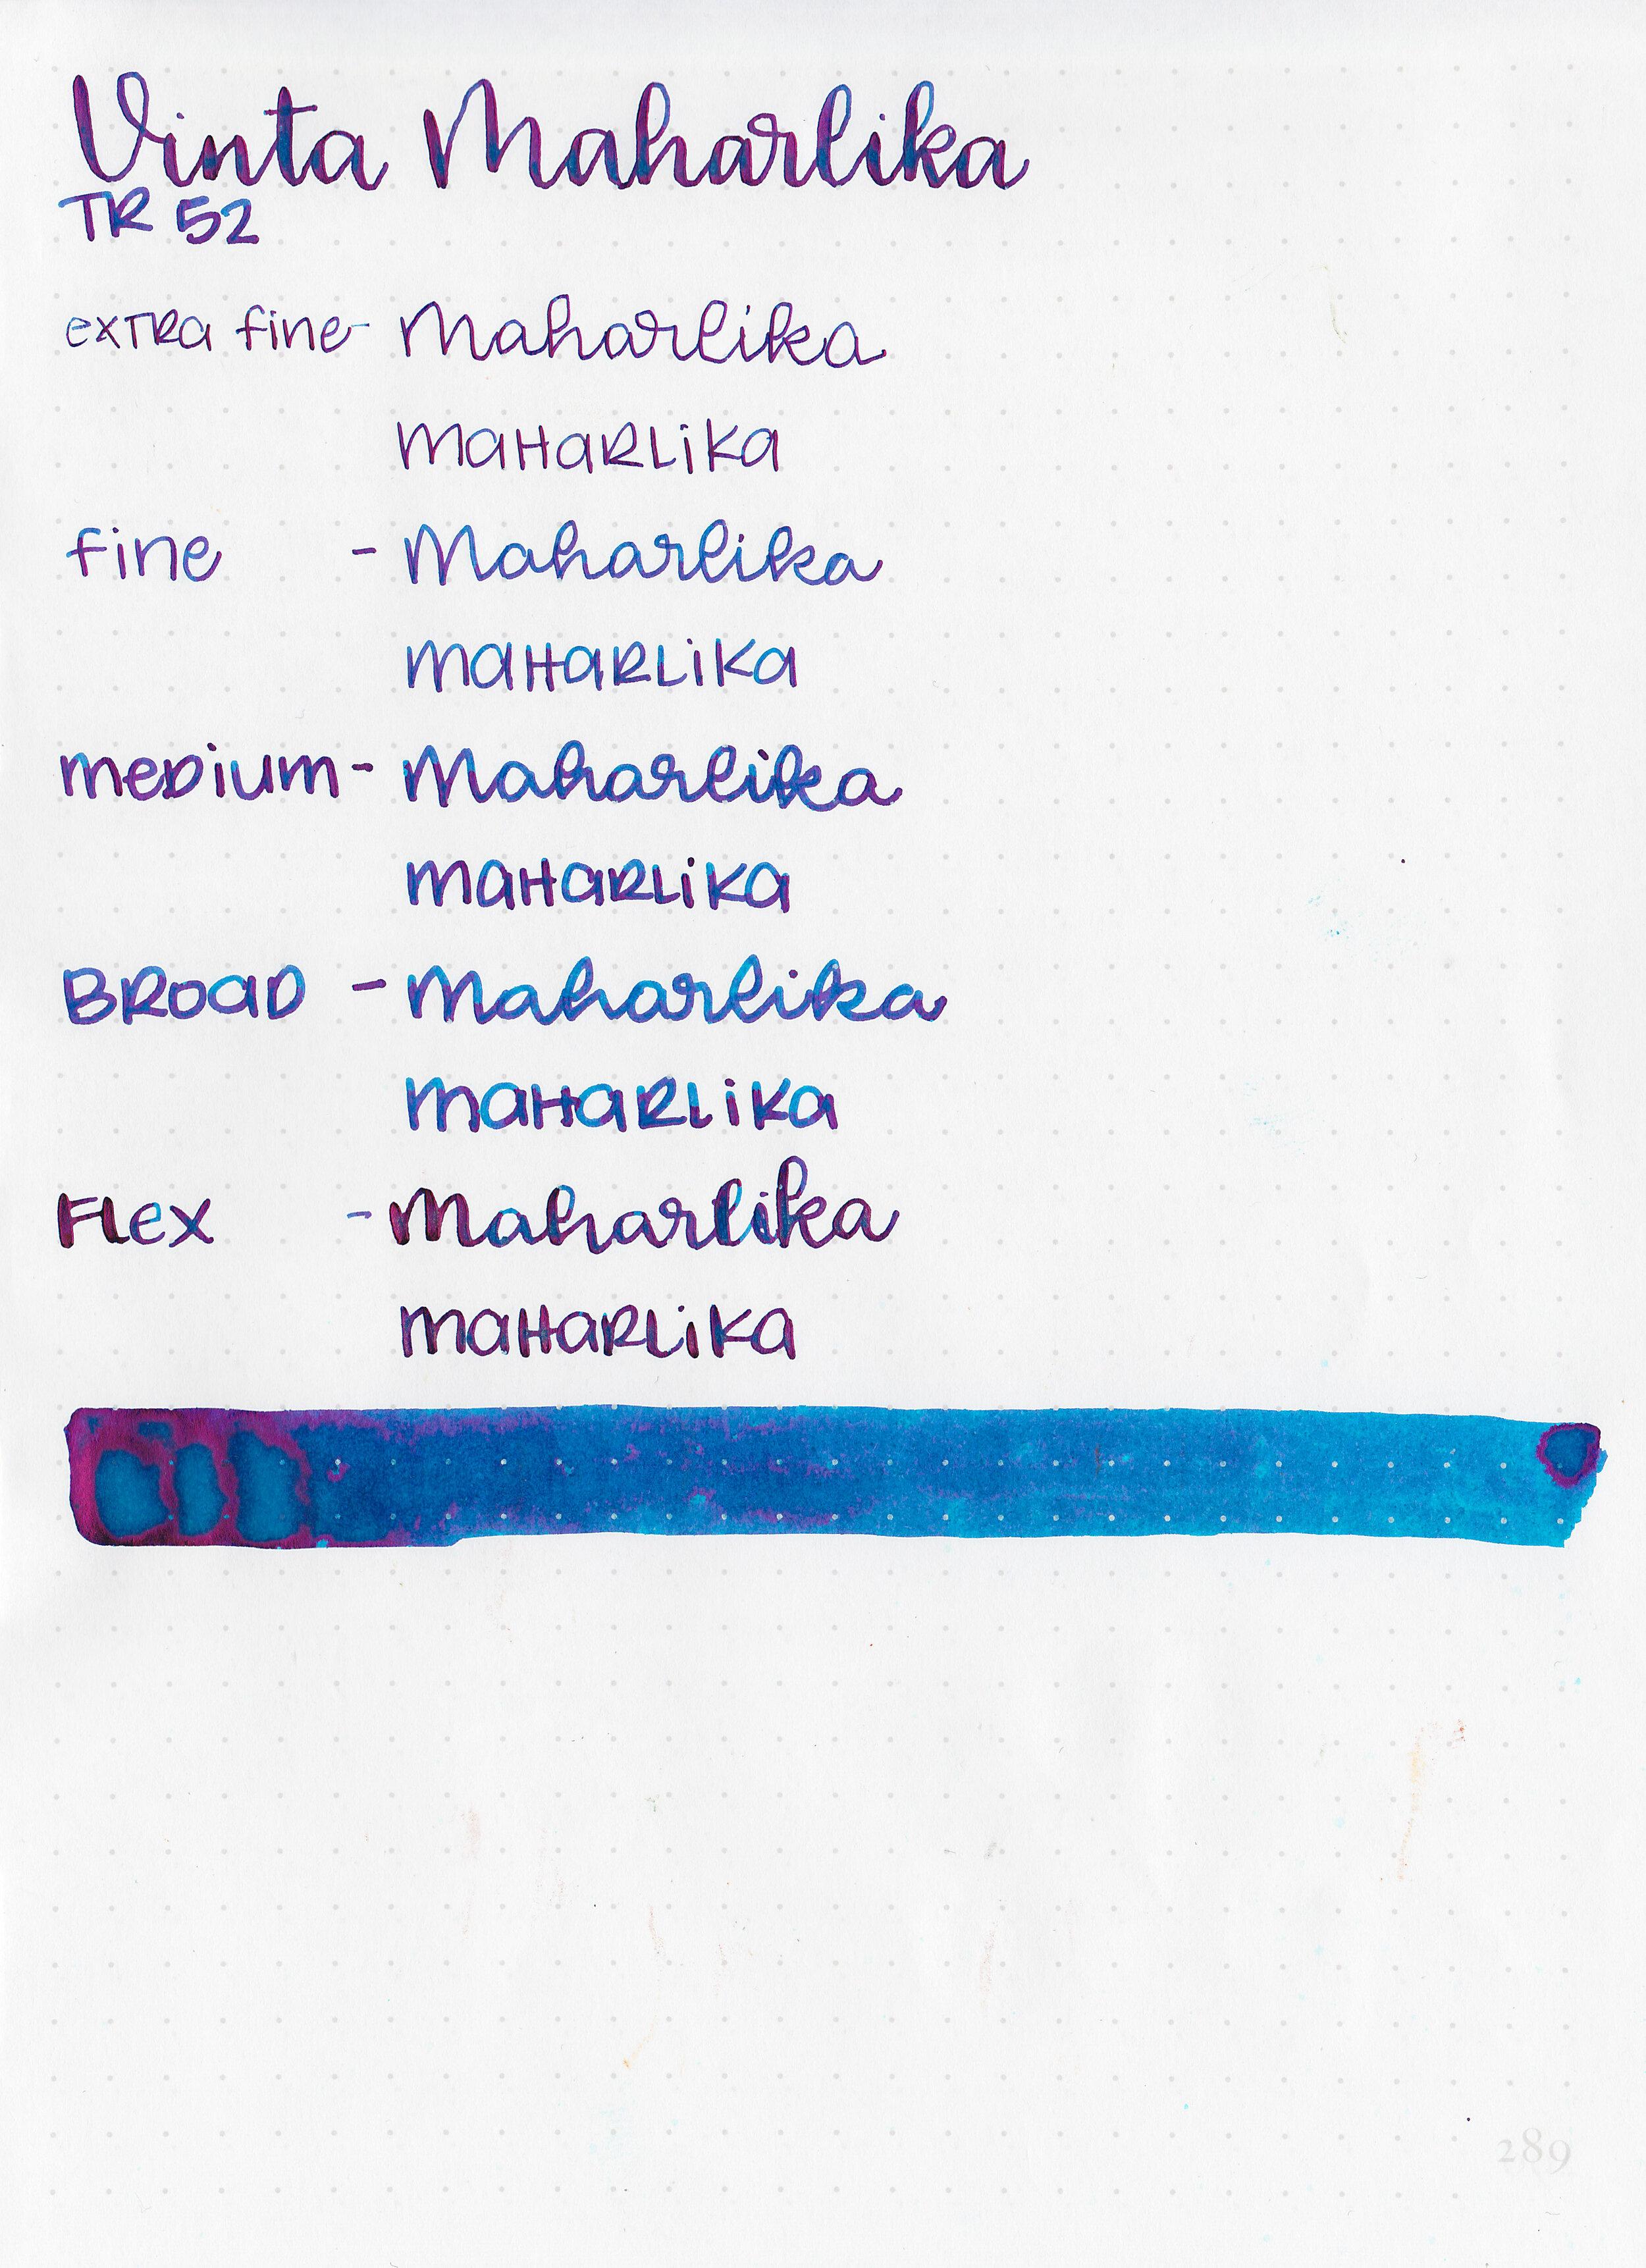 vnt-maharlika-5.jpg